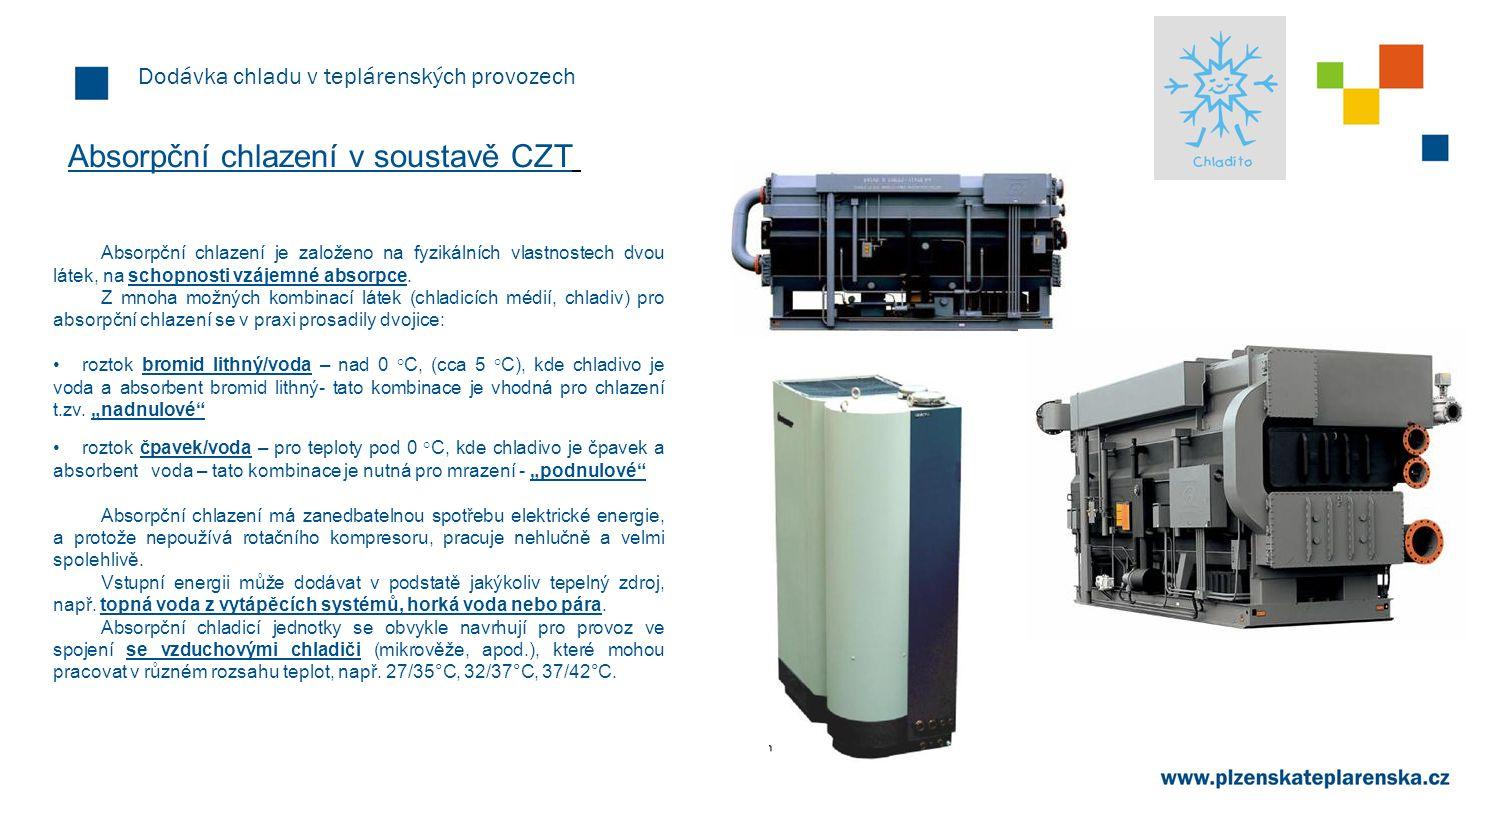 Absorpční chlazení v soustavě CZT